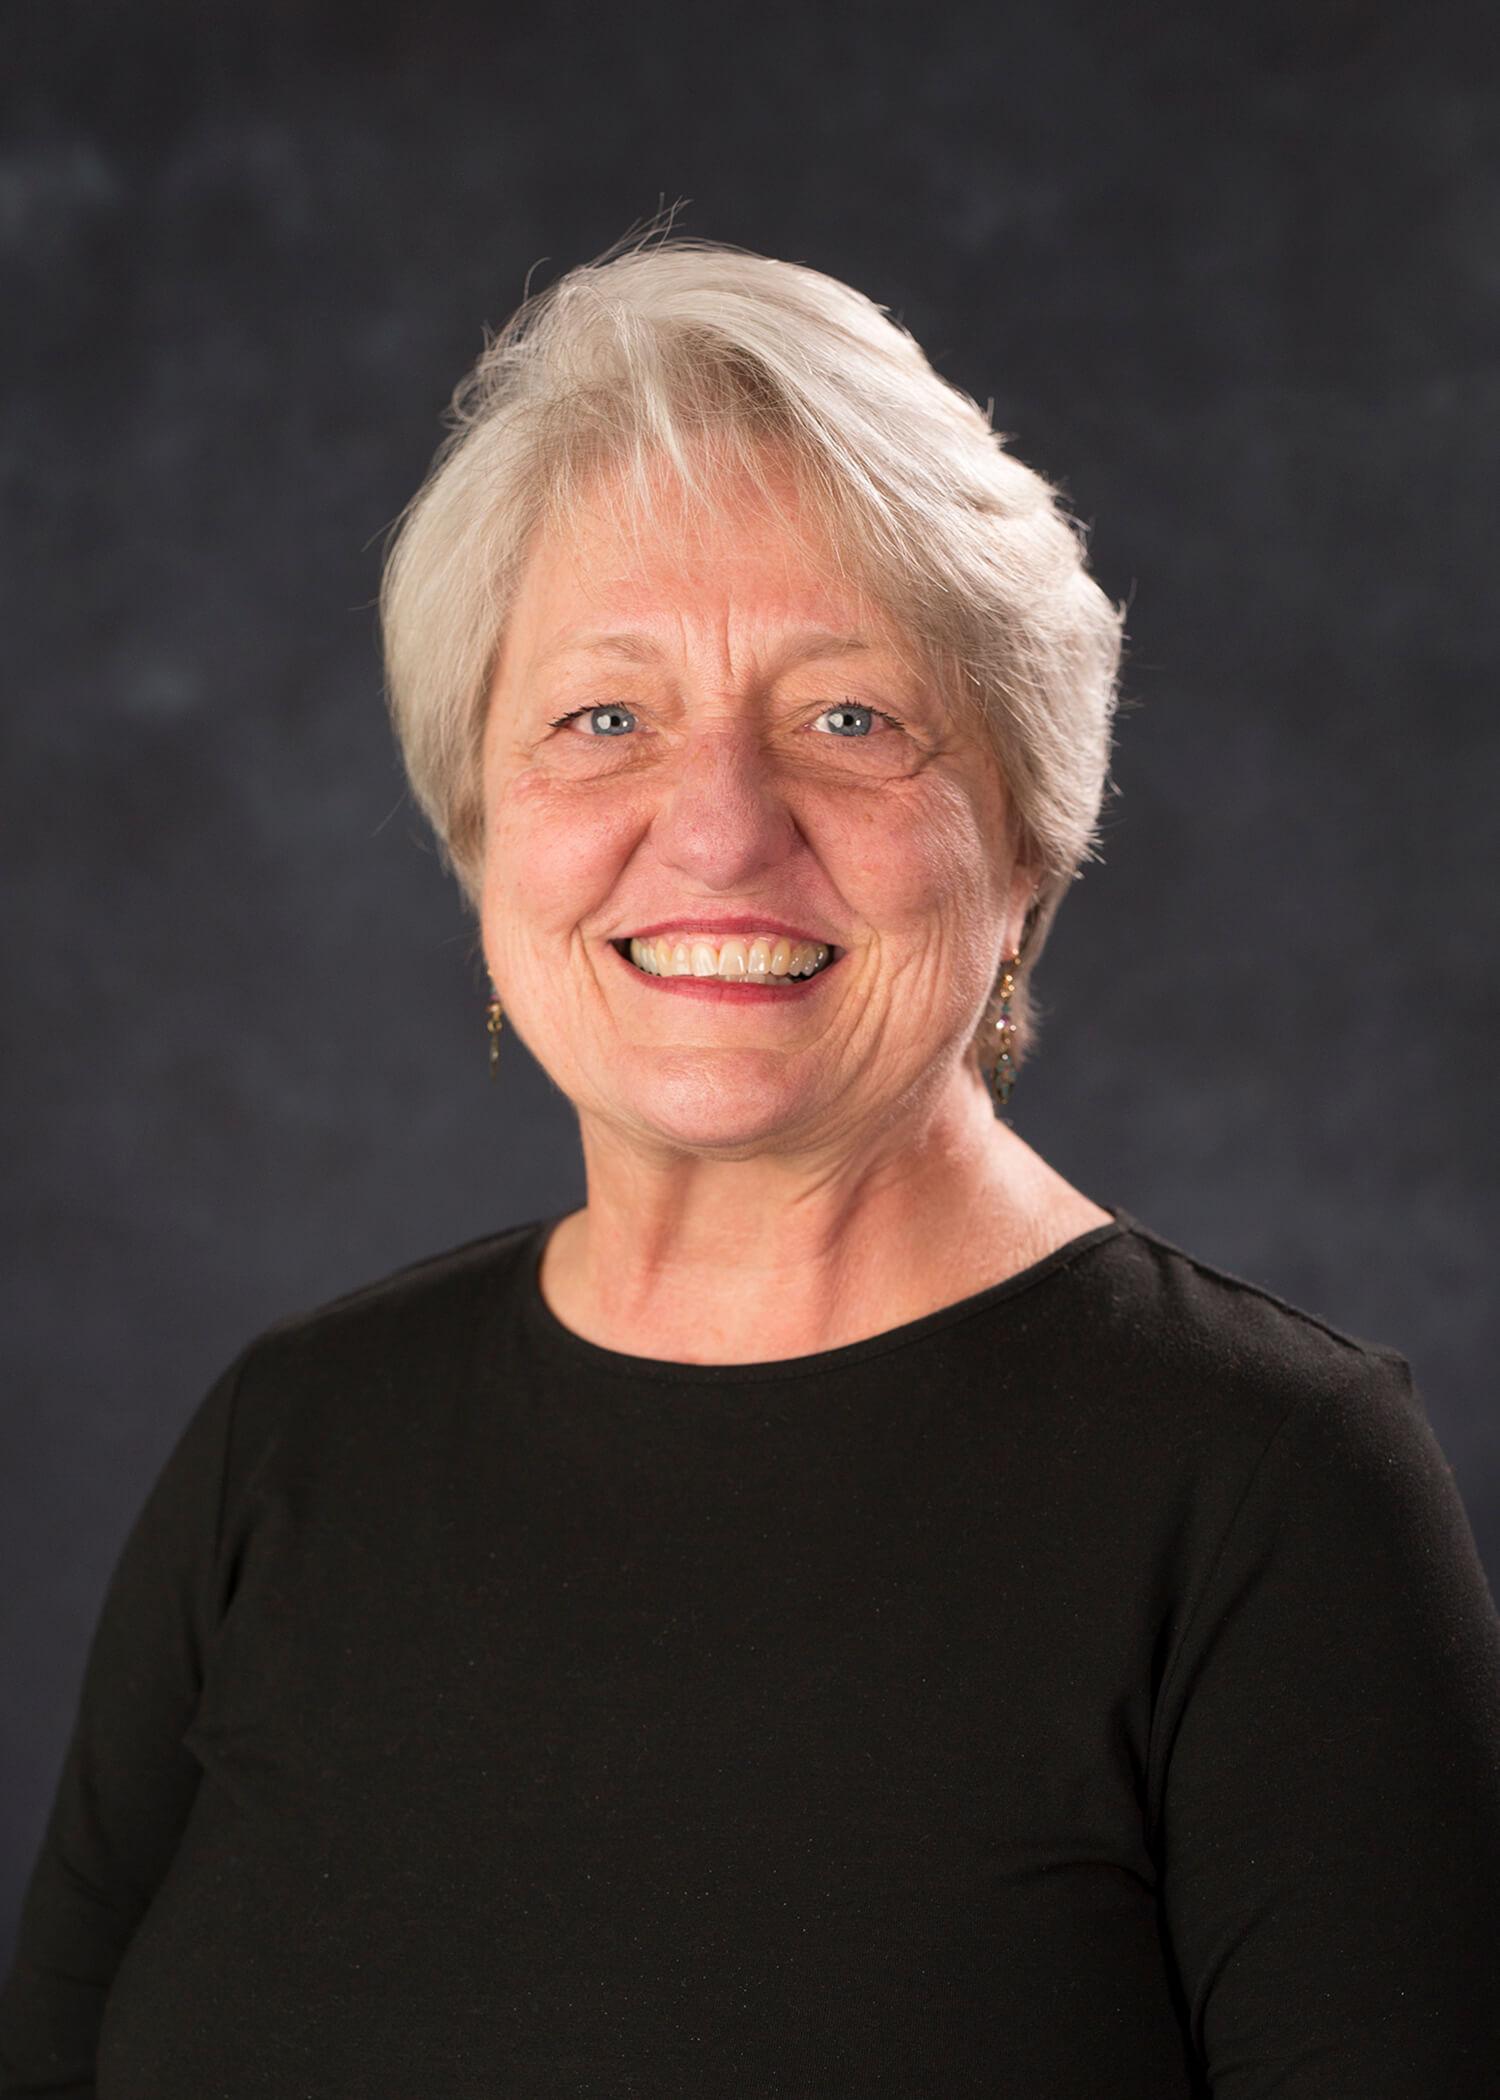 Photo of Glenda Stockwell, PhD